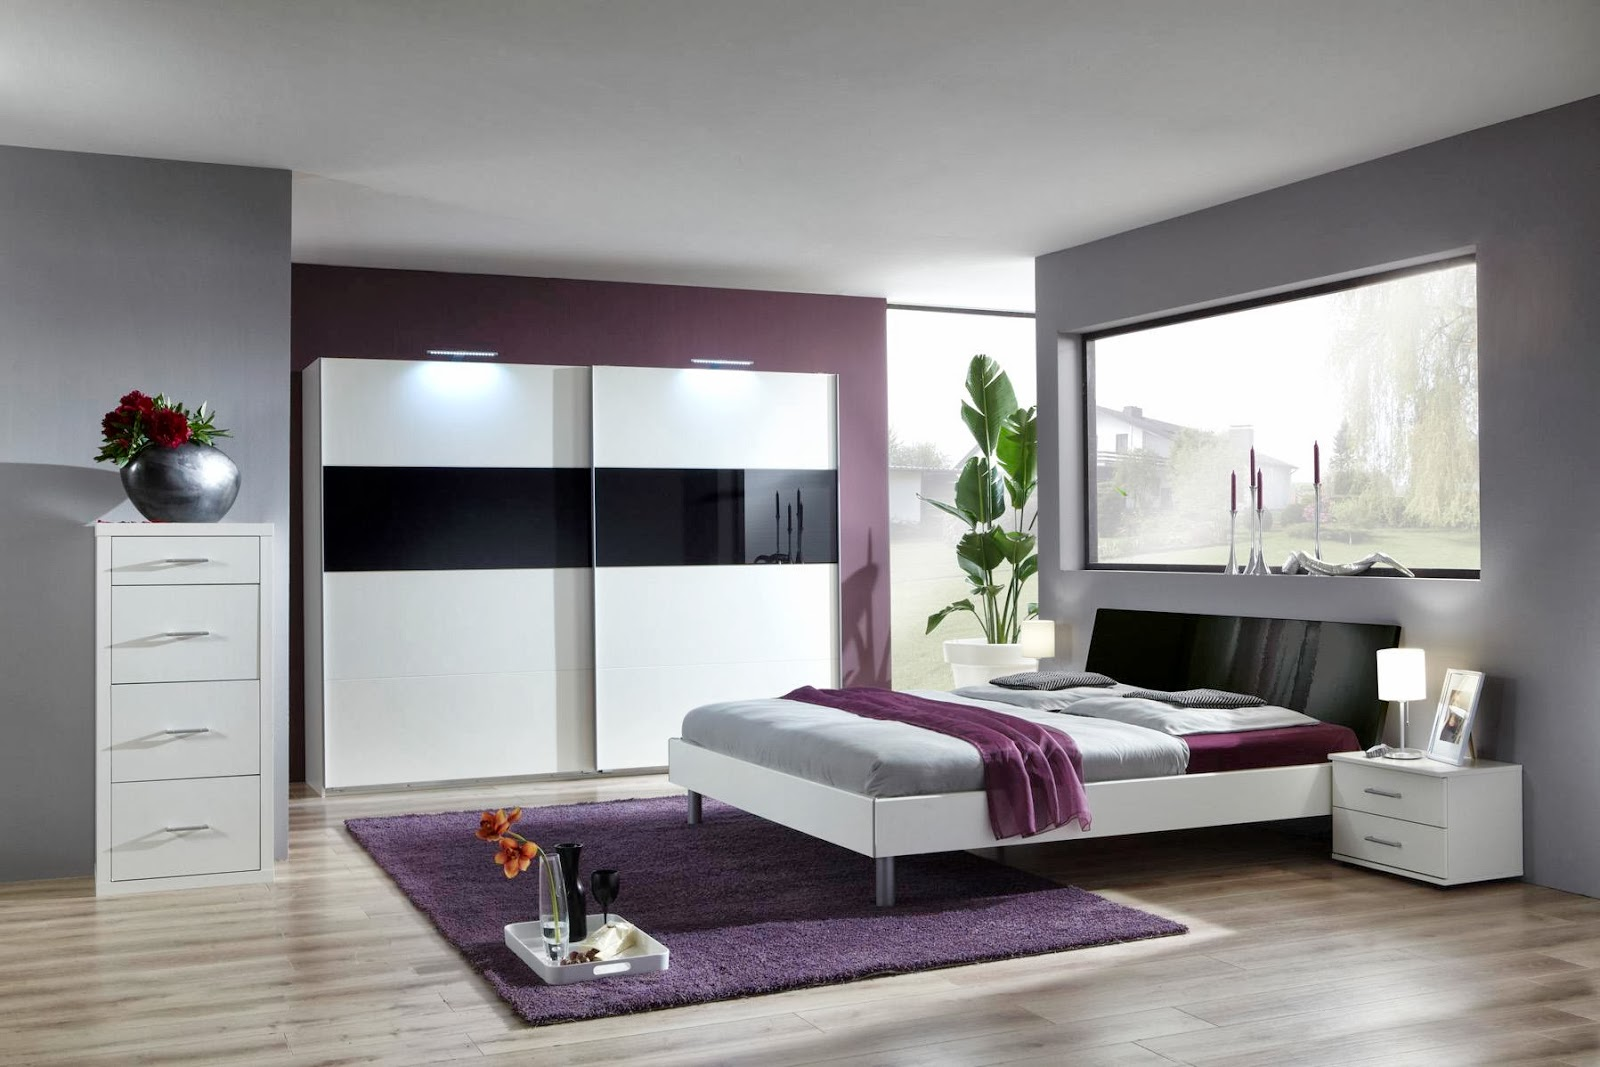 Decorer une chambre en ligne for Decoration chambre en ligne